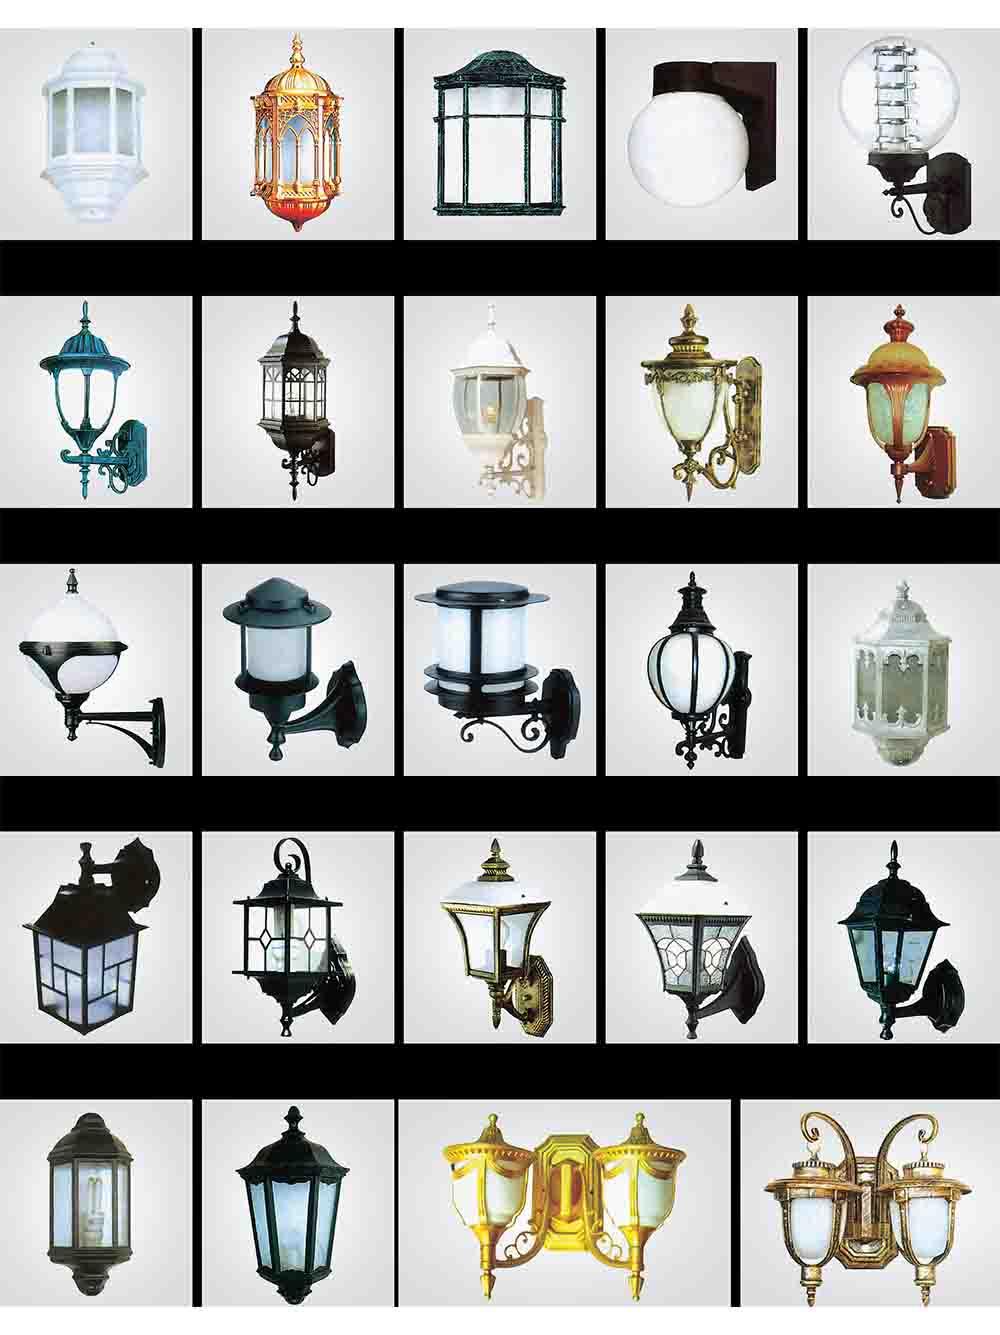 南安投光灯多少钱 客户至上「南安市诚亿照明科技供应」